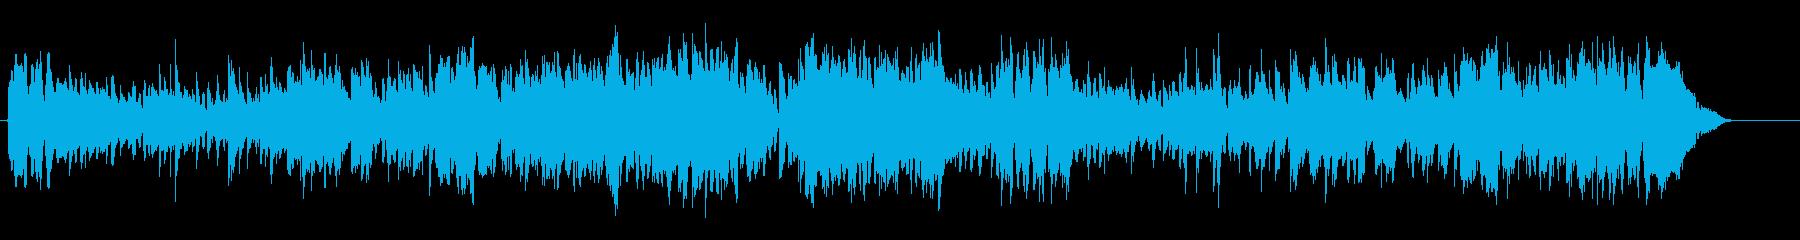 アダルトなジャズ・サウンドの再生済みの波形